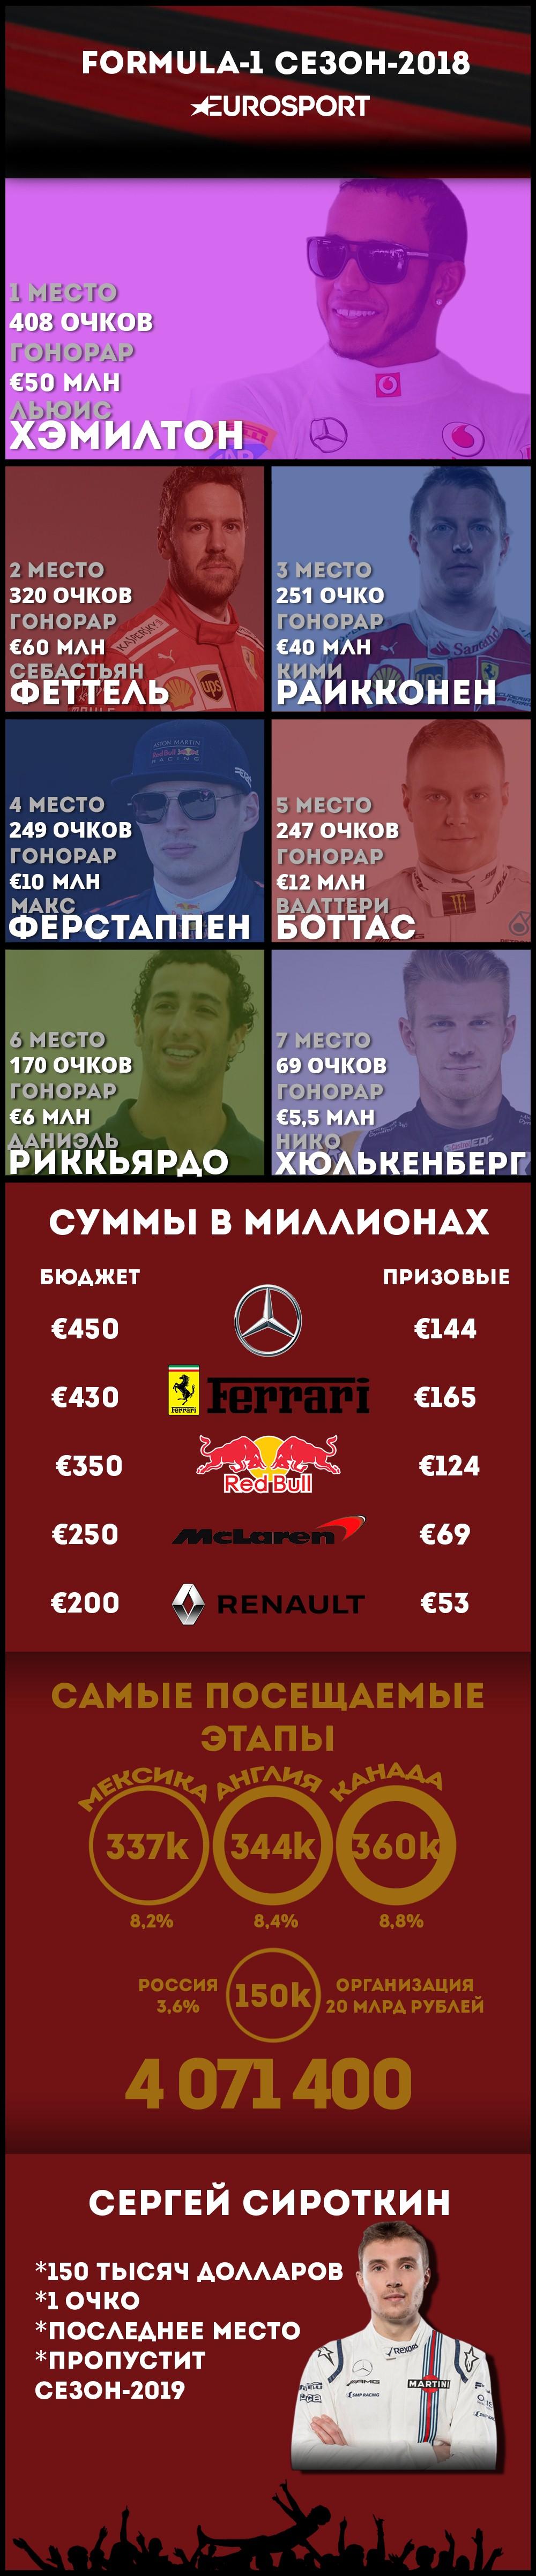 Инфографика ф-1